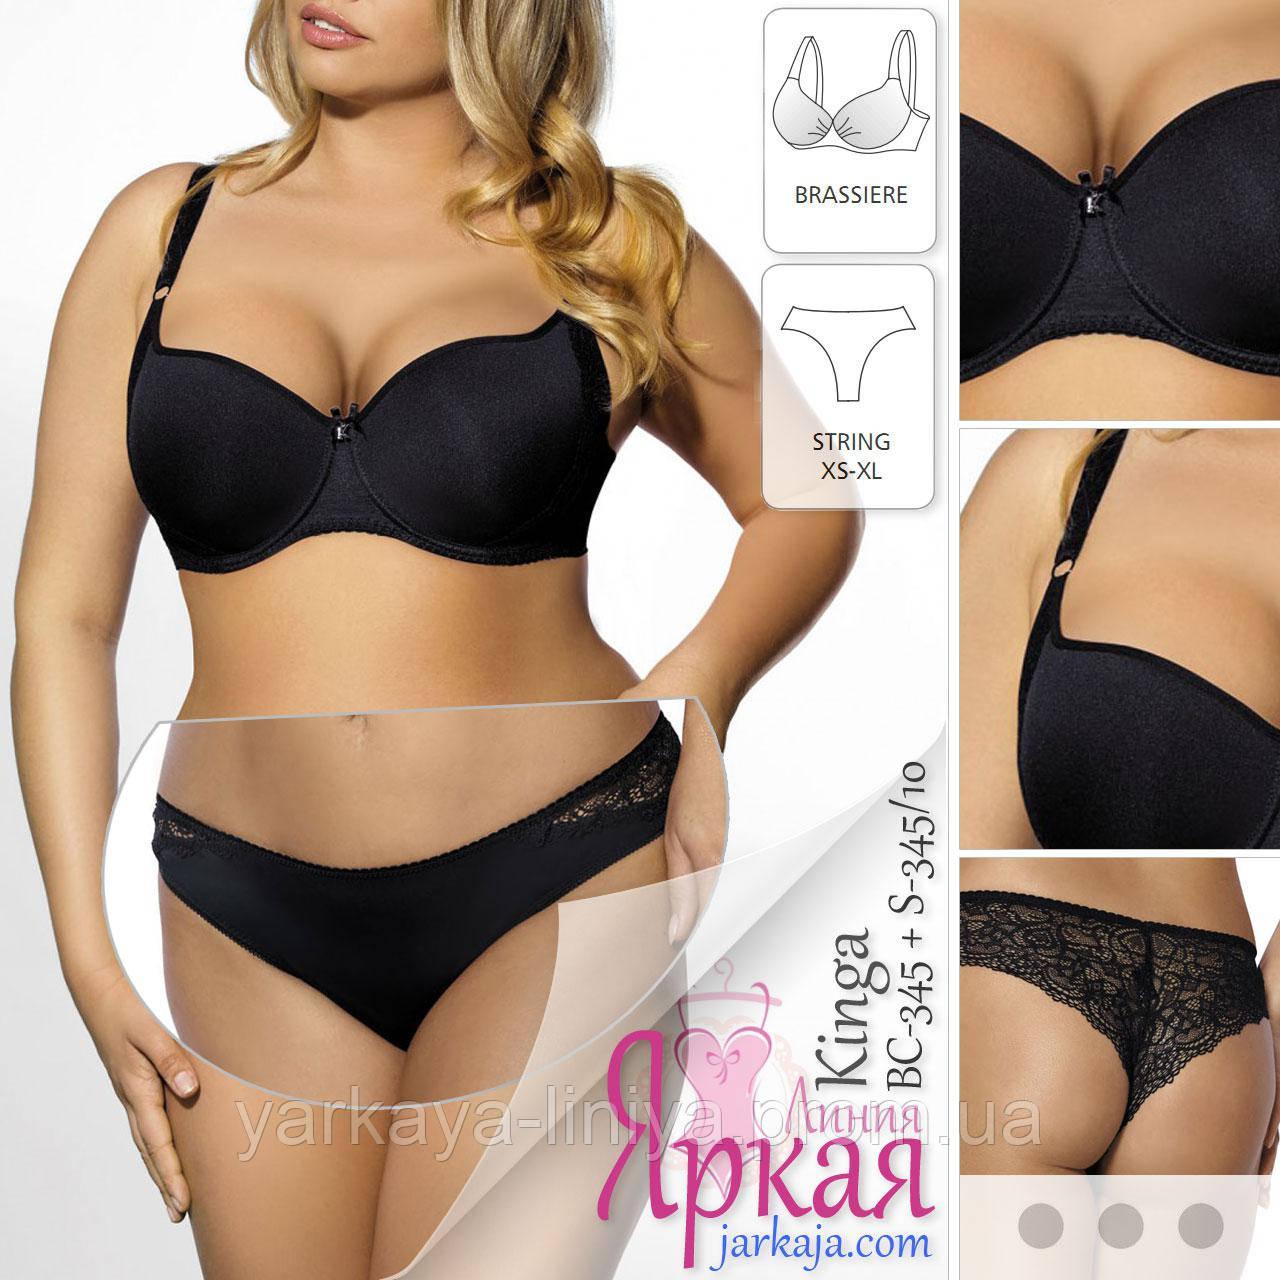 4fdb7131690d Комплекты нижнего белья женские Kinga™. Бюстгальтер гладкий + Трусики-стринги  Польское нижнее белье